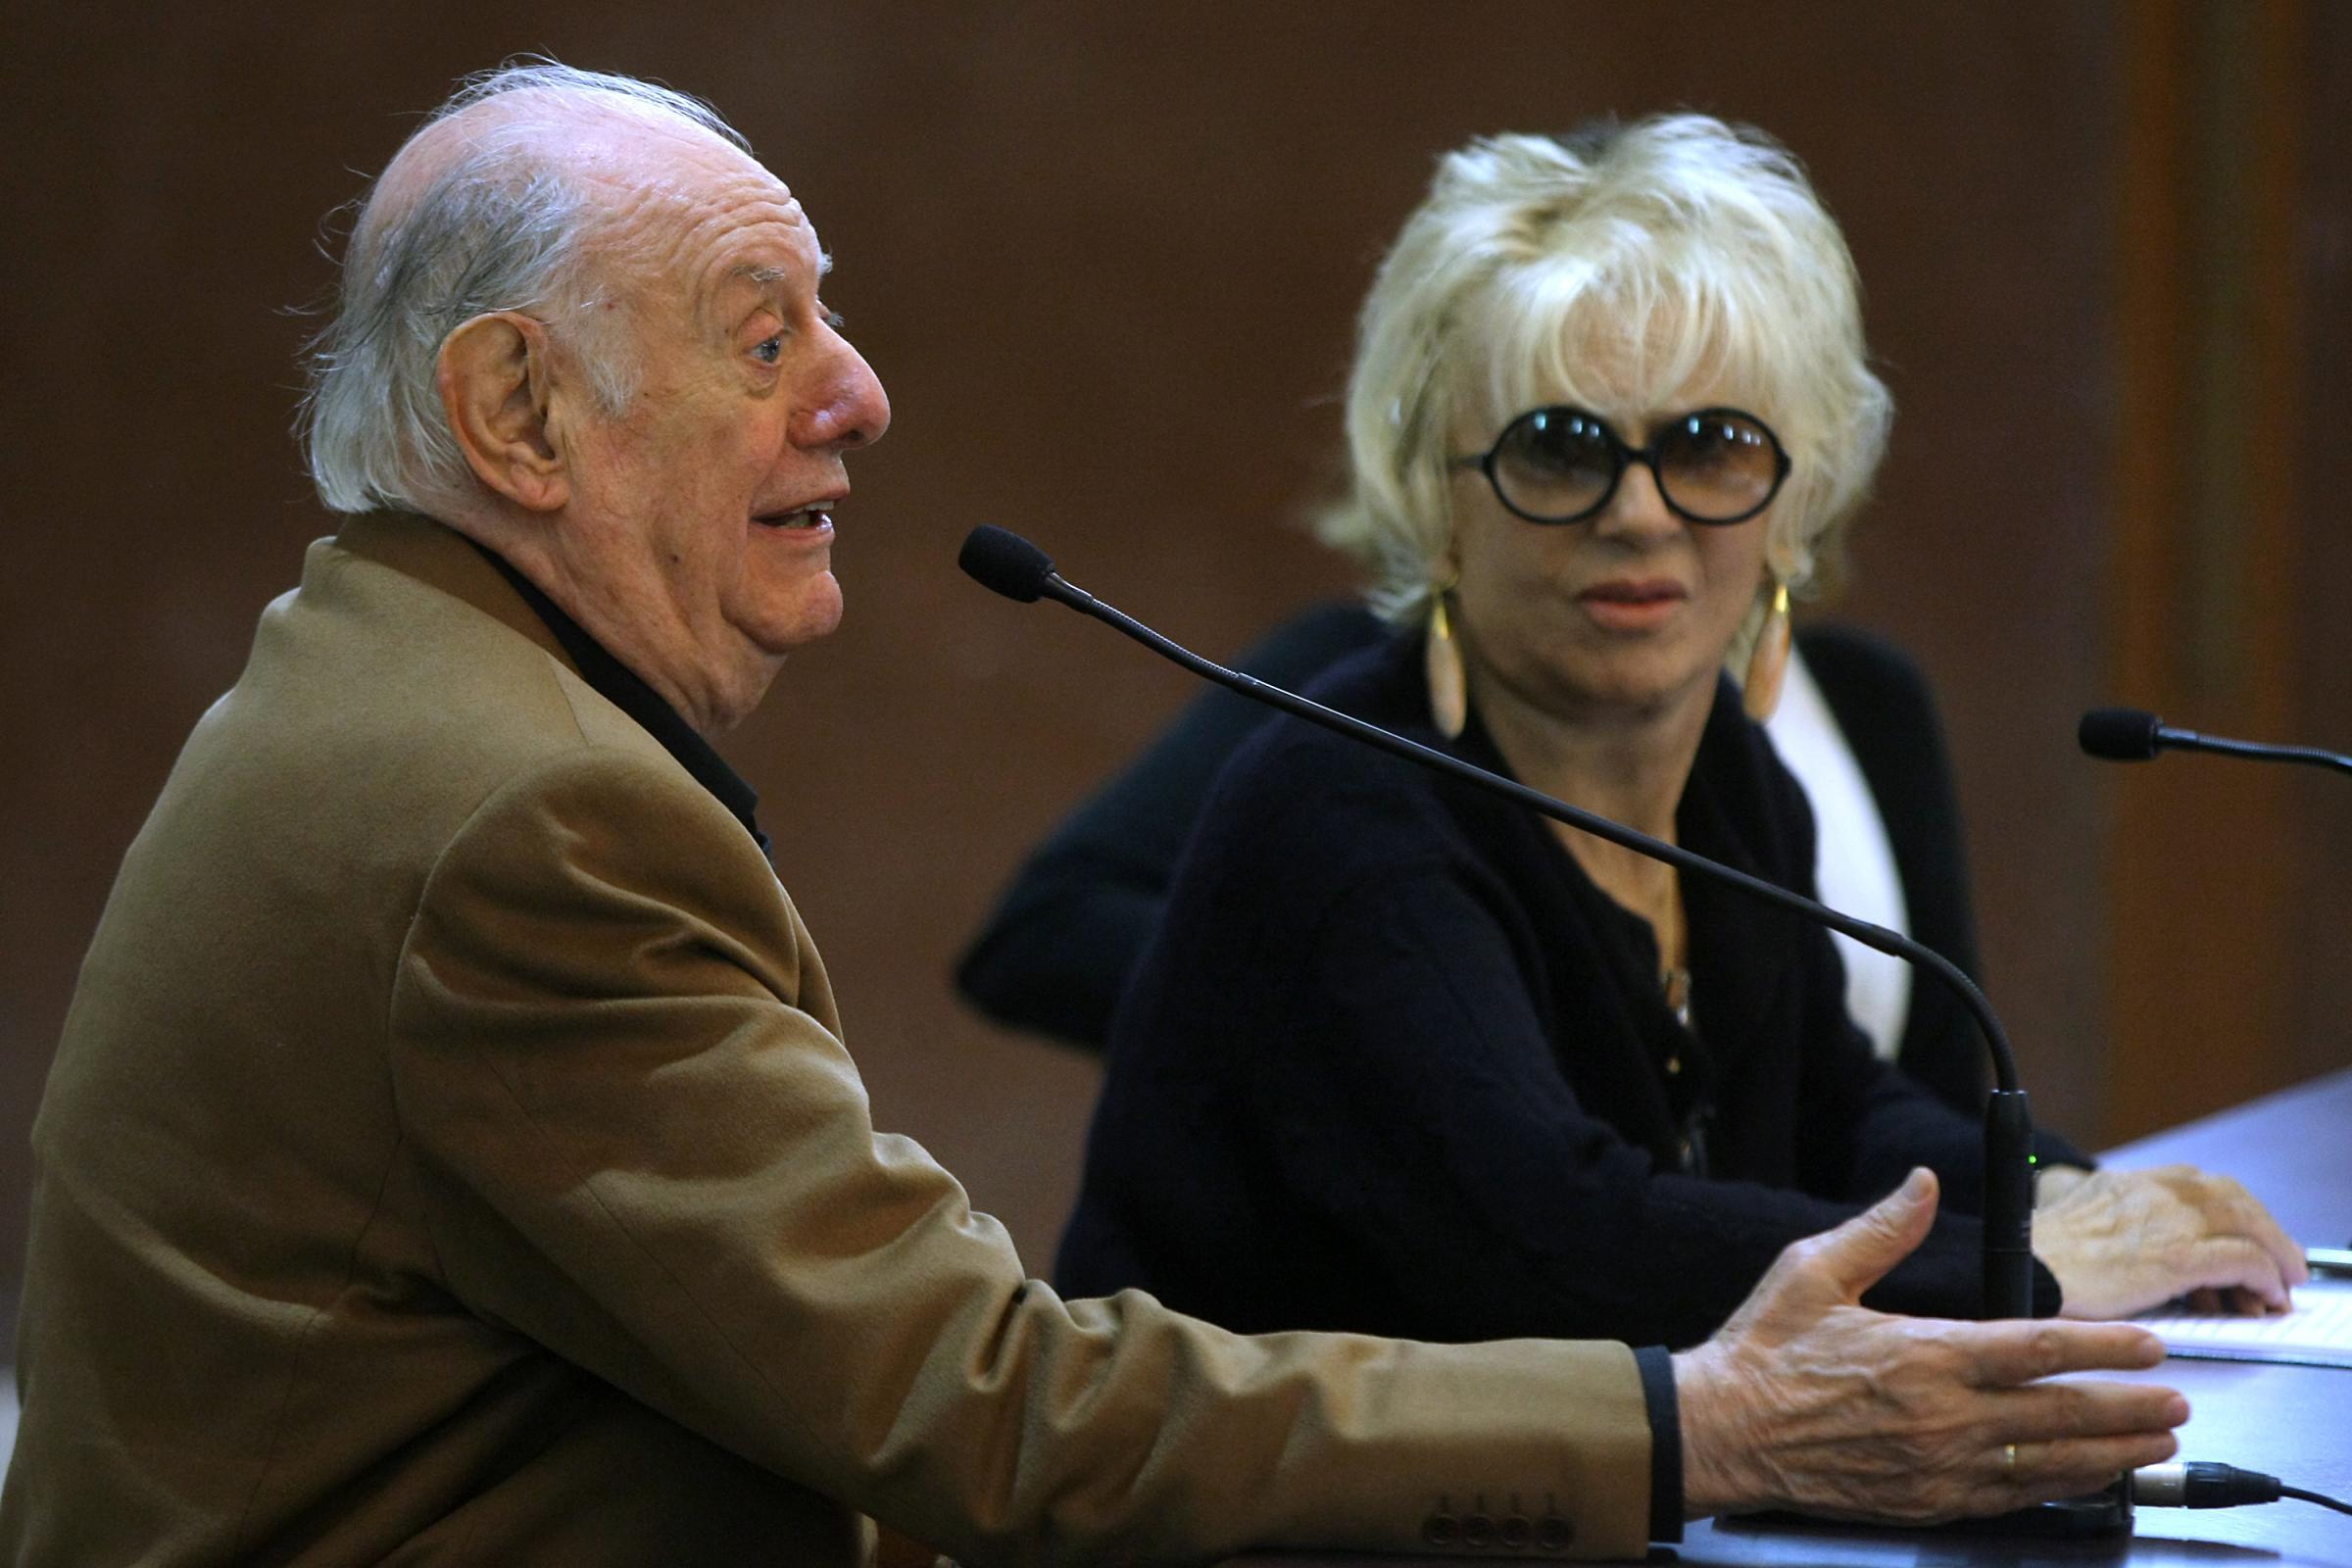 Sant'Ambrogio, il 7 dicembre Dario Fo e Franca Rame in TV con uno spettacolo su Rai 5